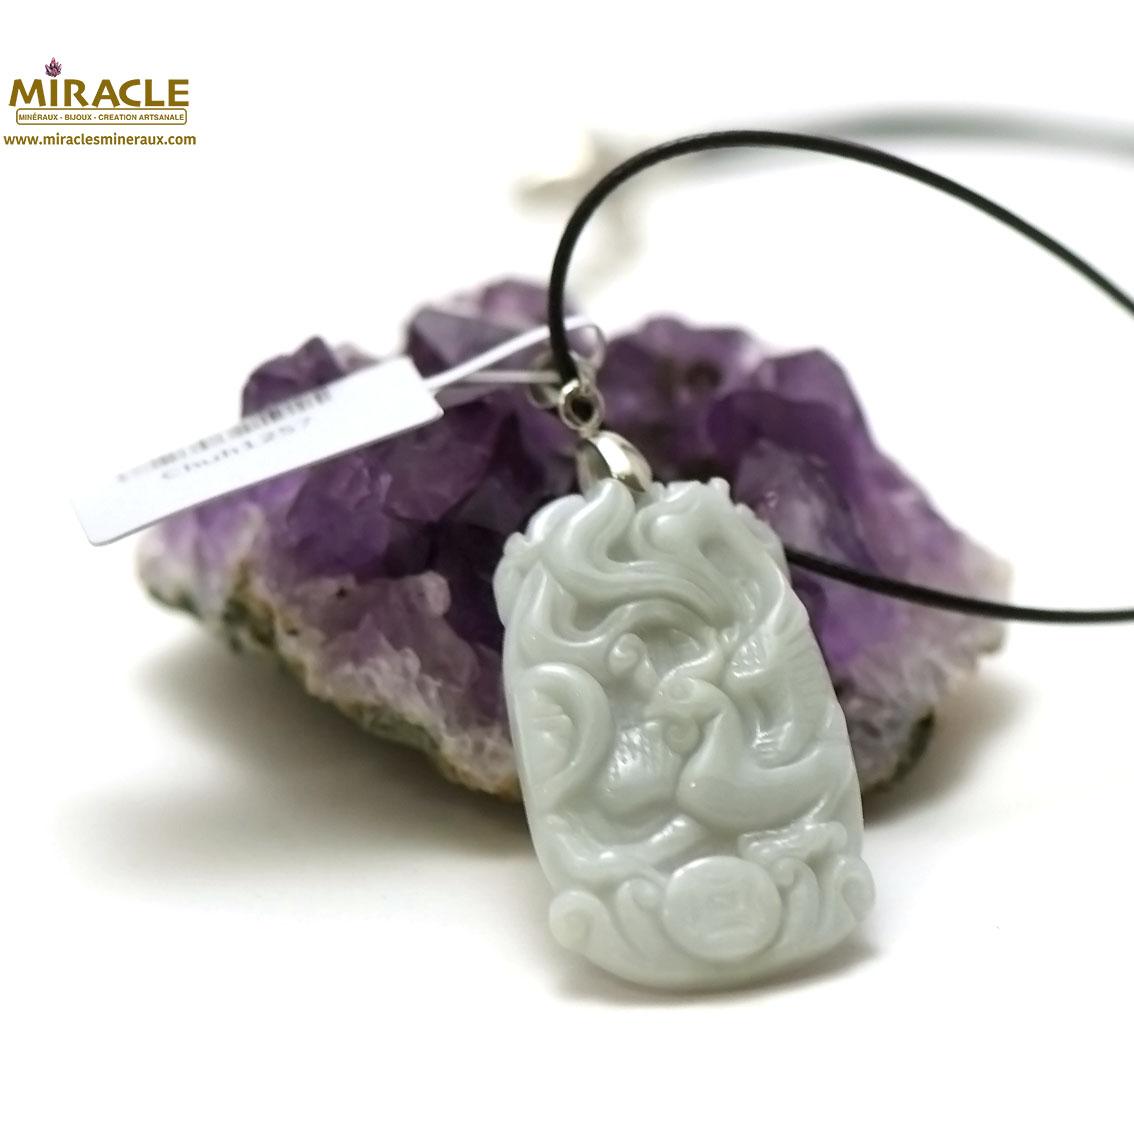 Pendentif en jade véritable plaquette phoenix 38x22x5 mm, pierre naturelle